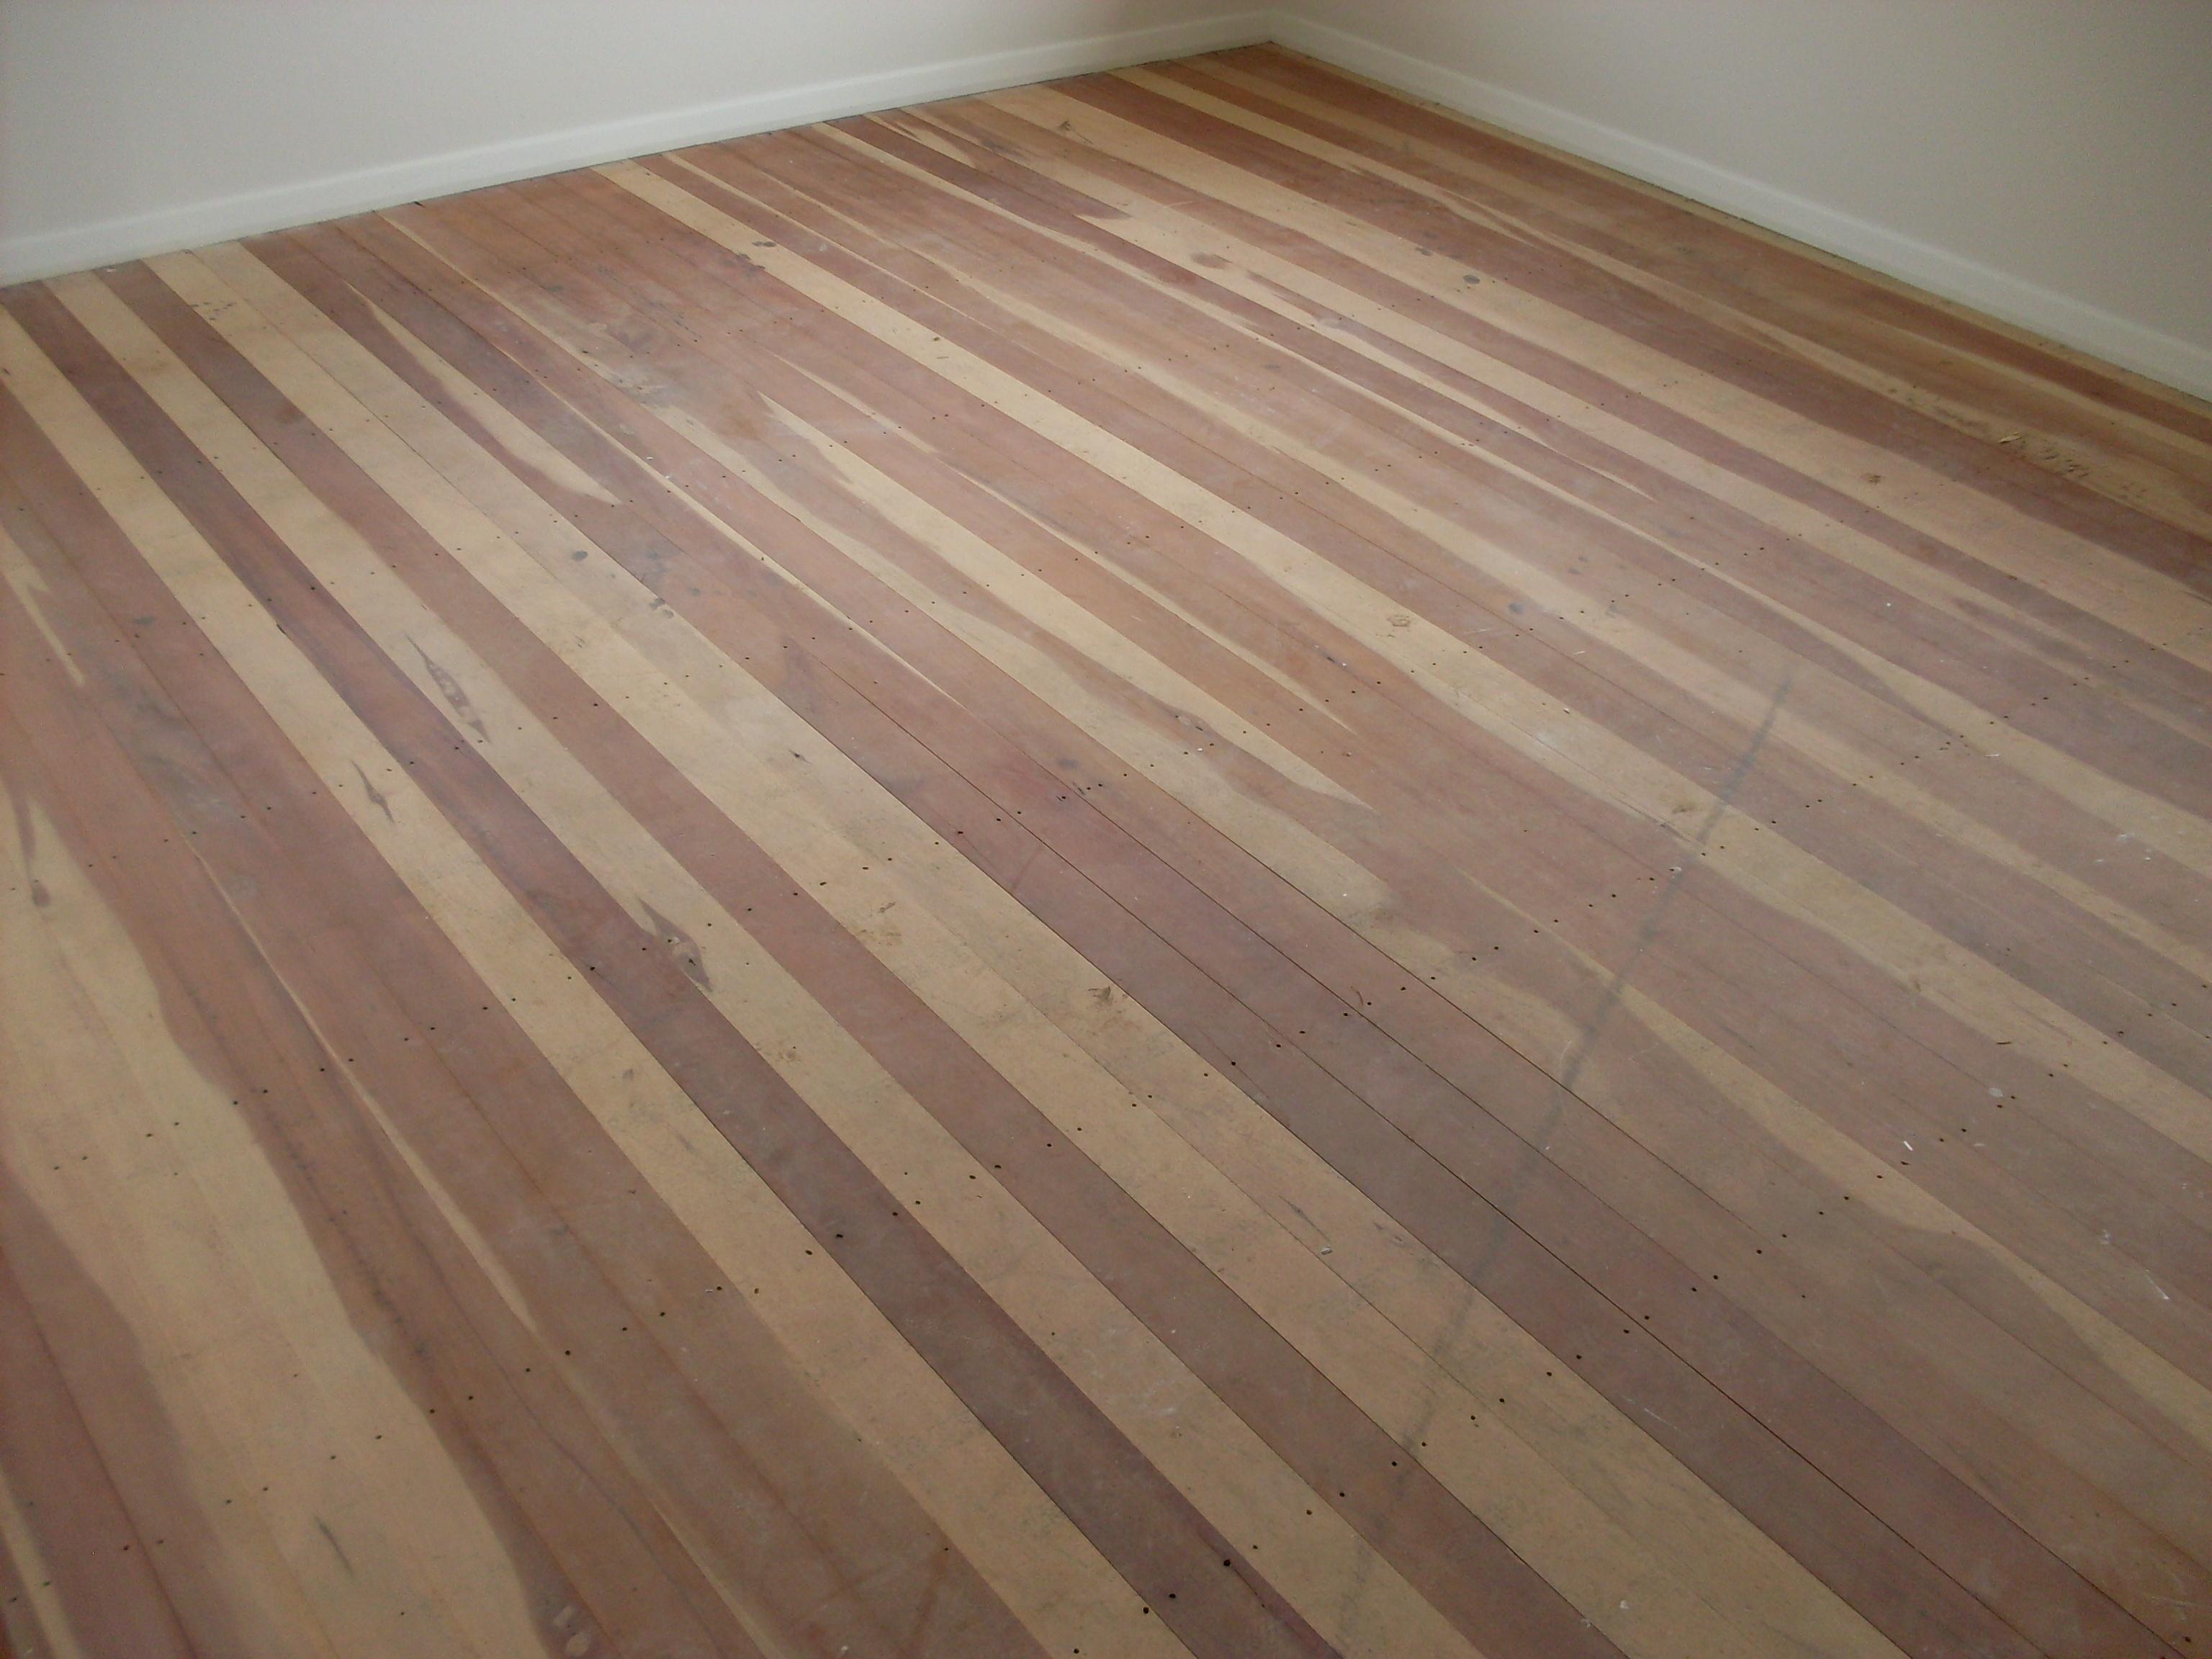 Satin Vs Semi Gloss Oak Floor